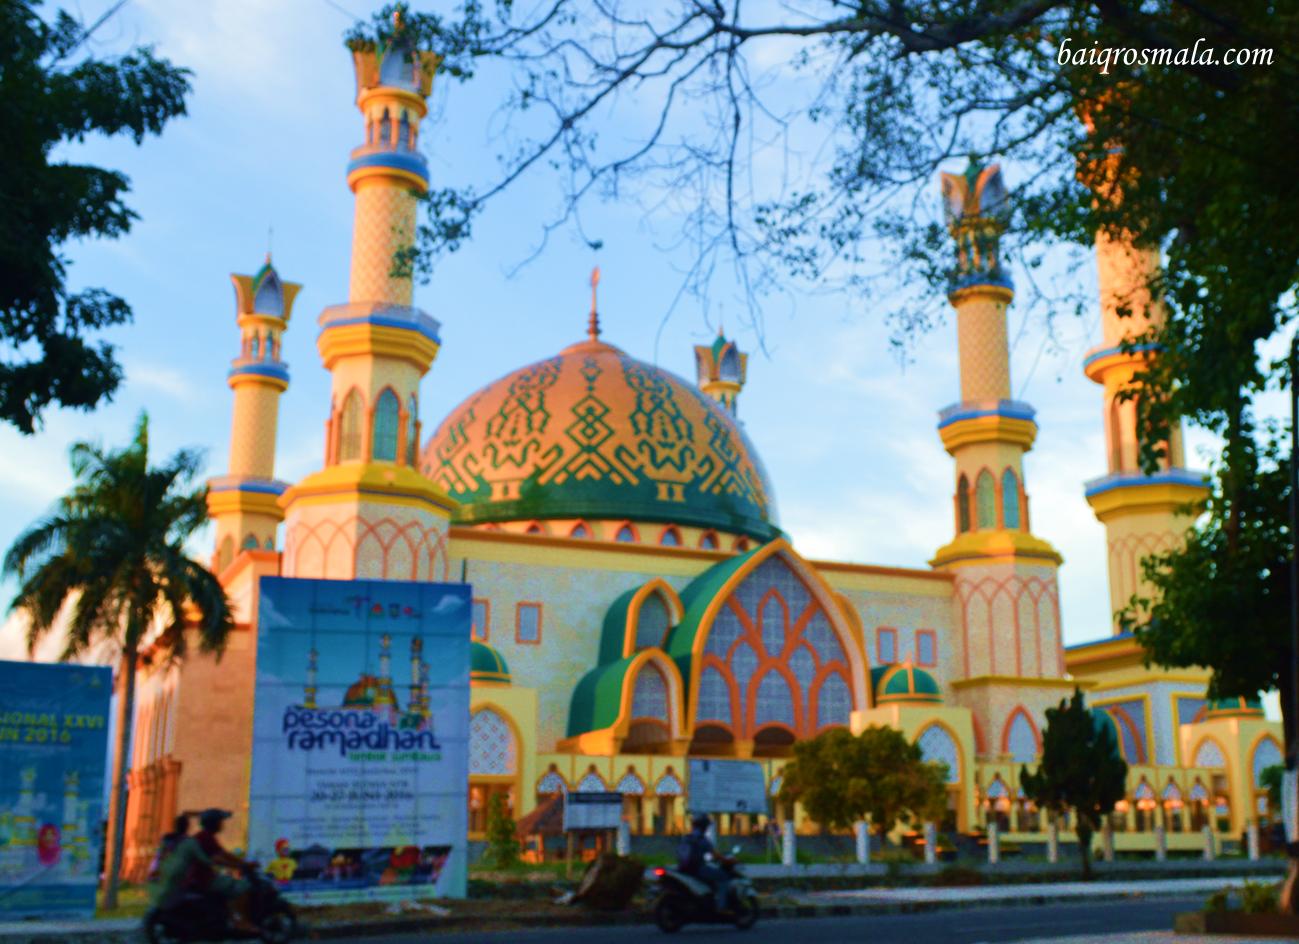 Islamic Center Ntb Pelengkap Keindahan Pulau Seribu Masjid Baiqrosmala Raya